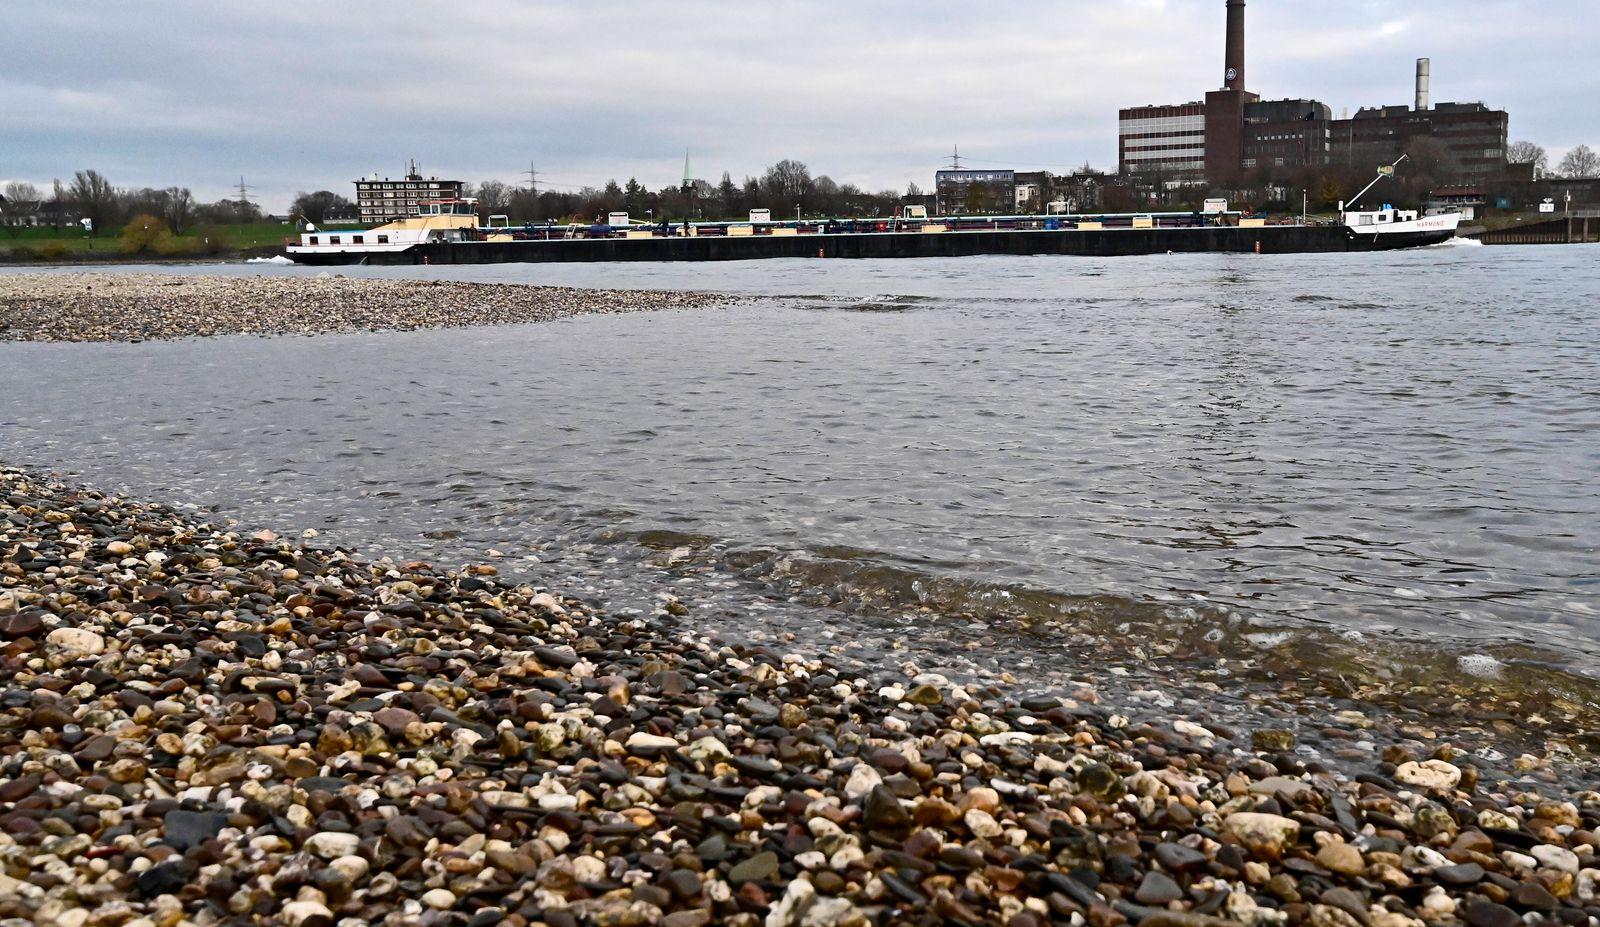 Binnenfracht-und Containerschiffe unterwegs auf dem Rhein bei Niedrigwasser,sie können nur die Hälfte der Fracht belade